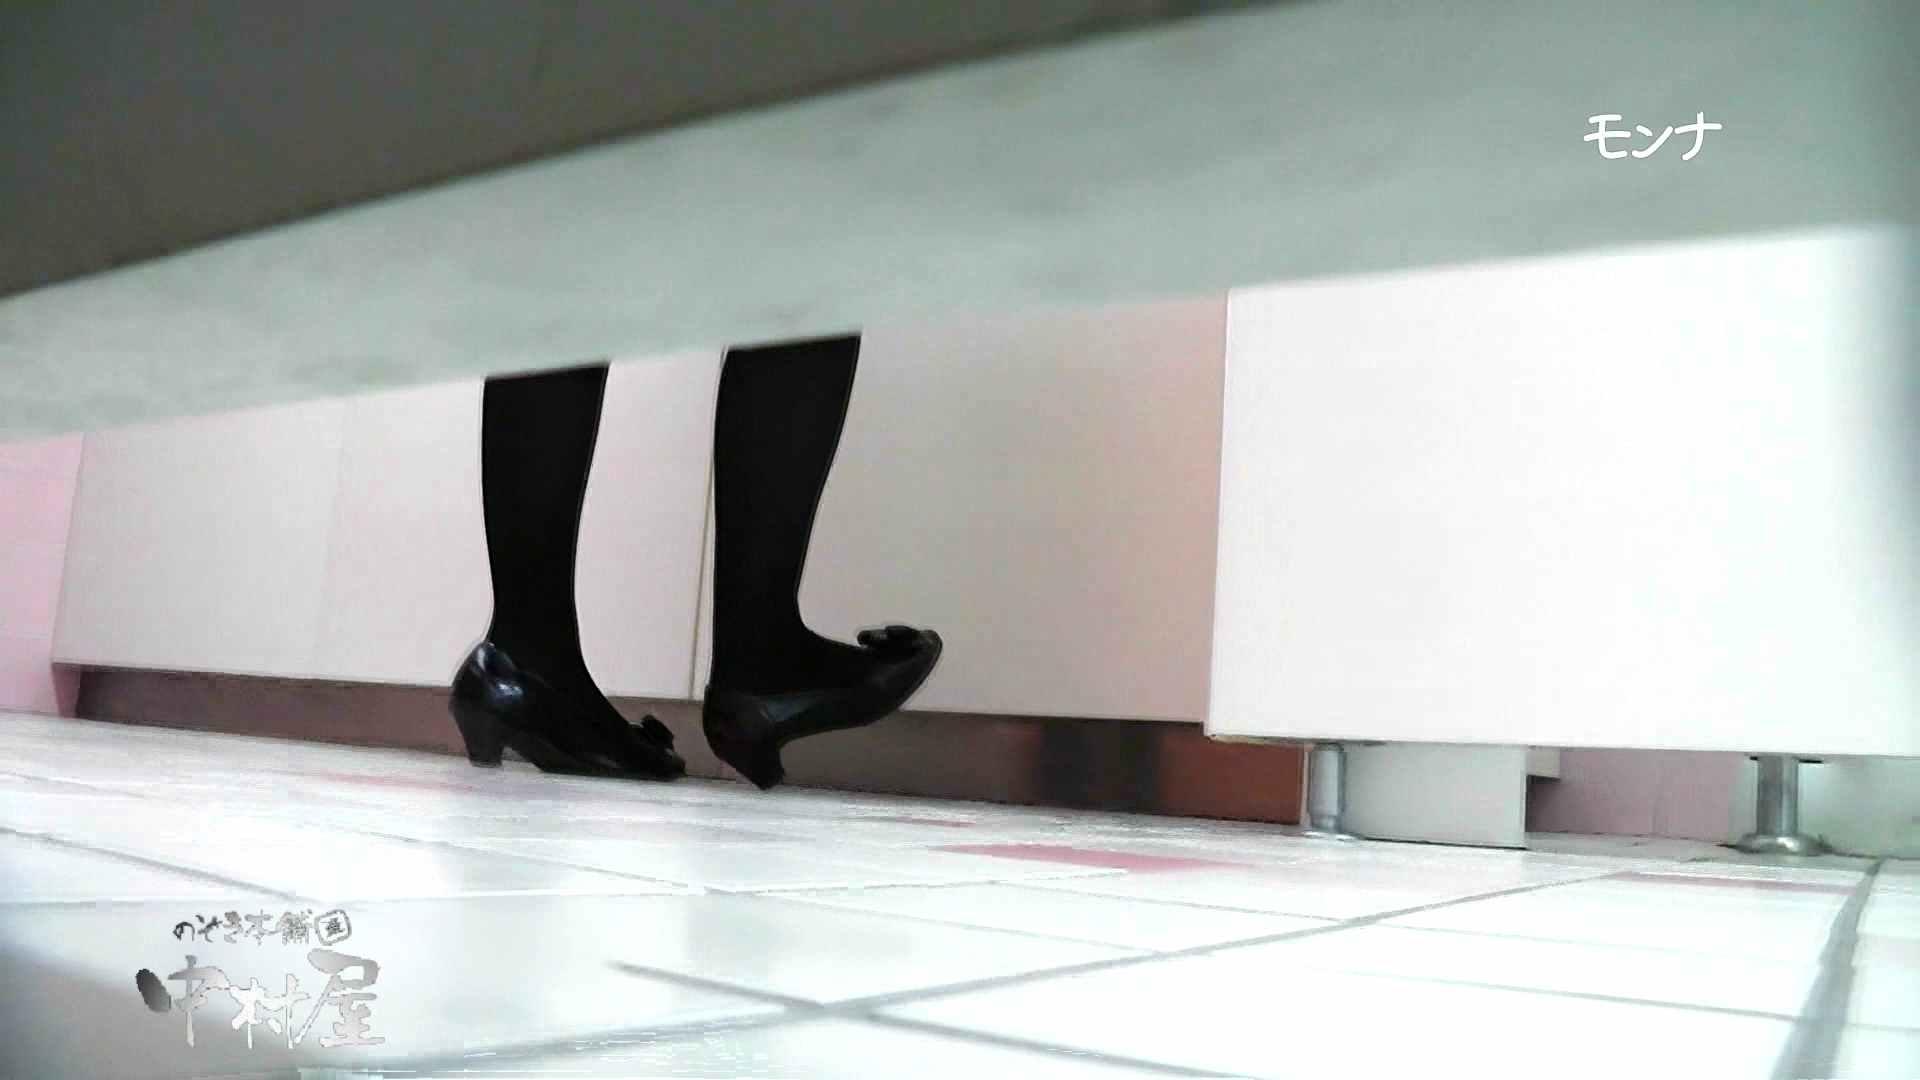 【美しい日本の未来】遂に!!戸田恵梨香似の予告モデル登場ダッシュで「大」後編 おまんこ無修正 | 覗き放題  59画像 37